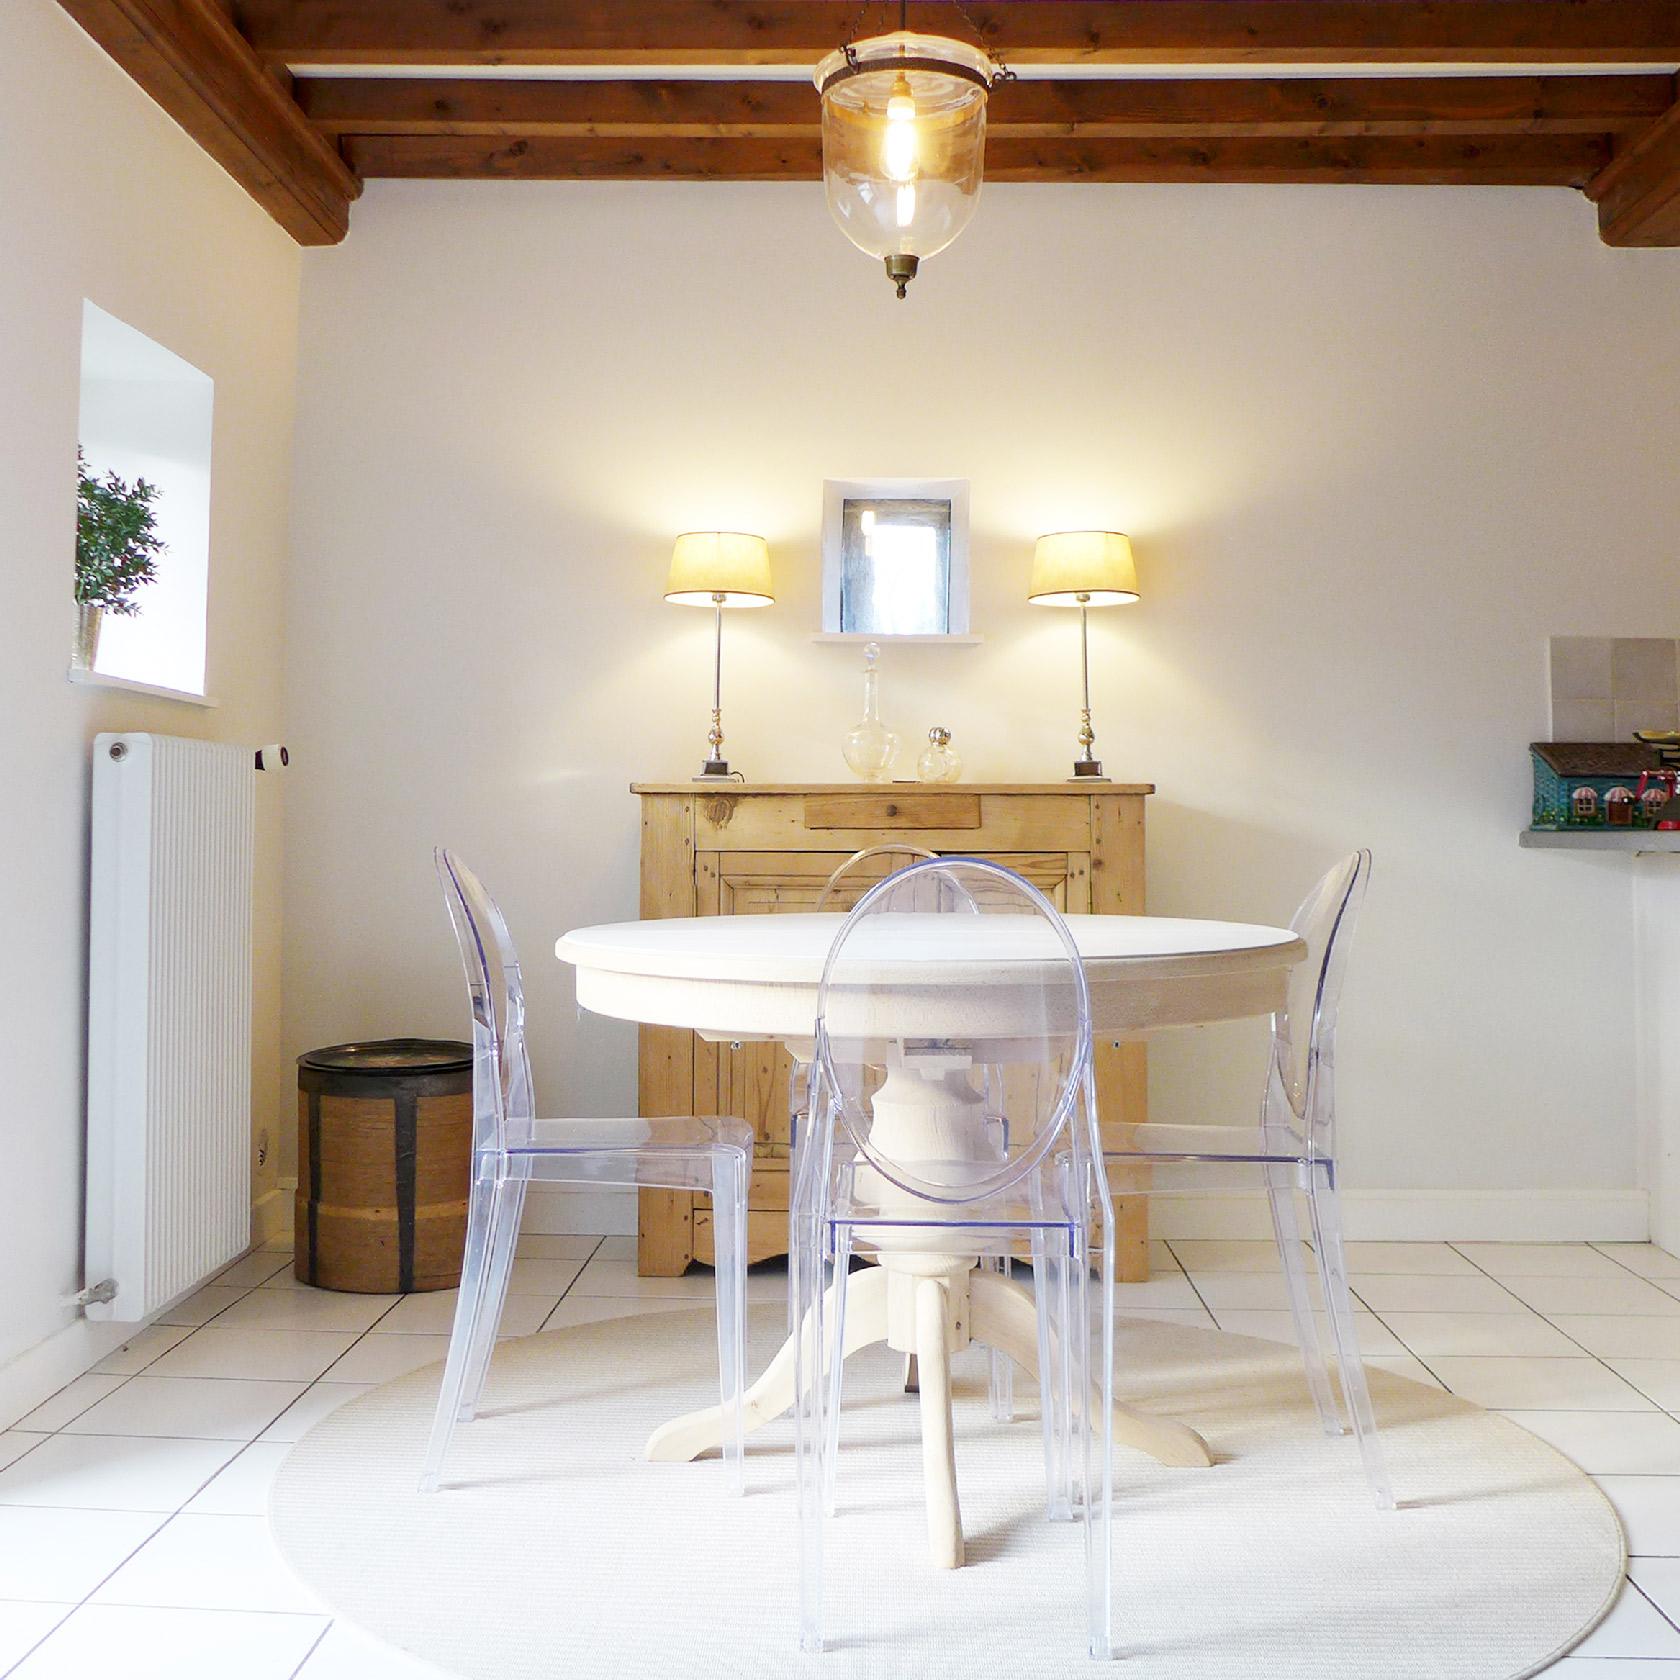 Réalisation du studio d'architecture et de décoration Skéa Designer. Dans la salle à manger, les meubles anciens ont été sablés pour un rendu très lumineux, les chaises Ghost de Starck apportent une touche de modernité. Les poutres apparentes donnent du cachet.